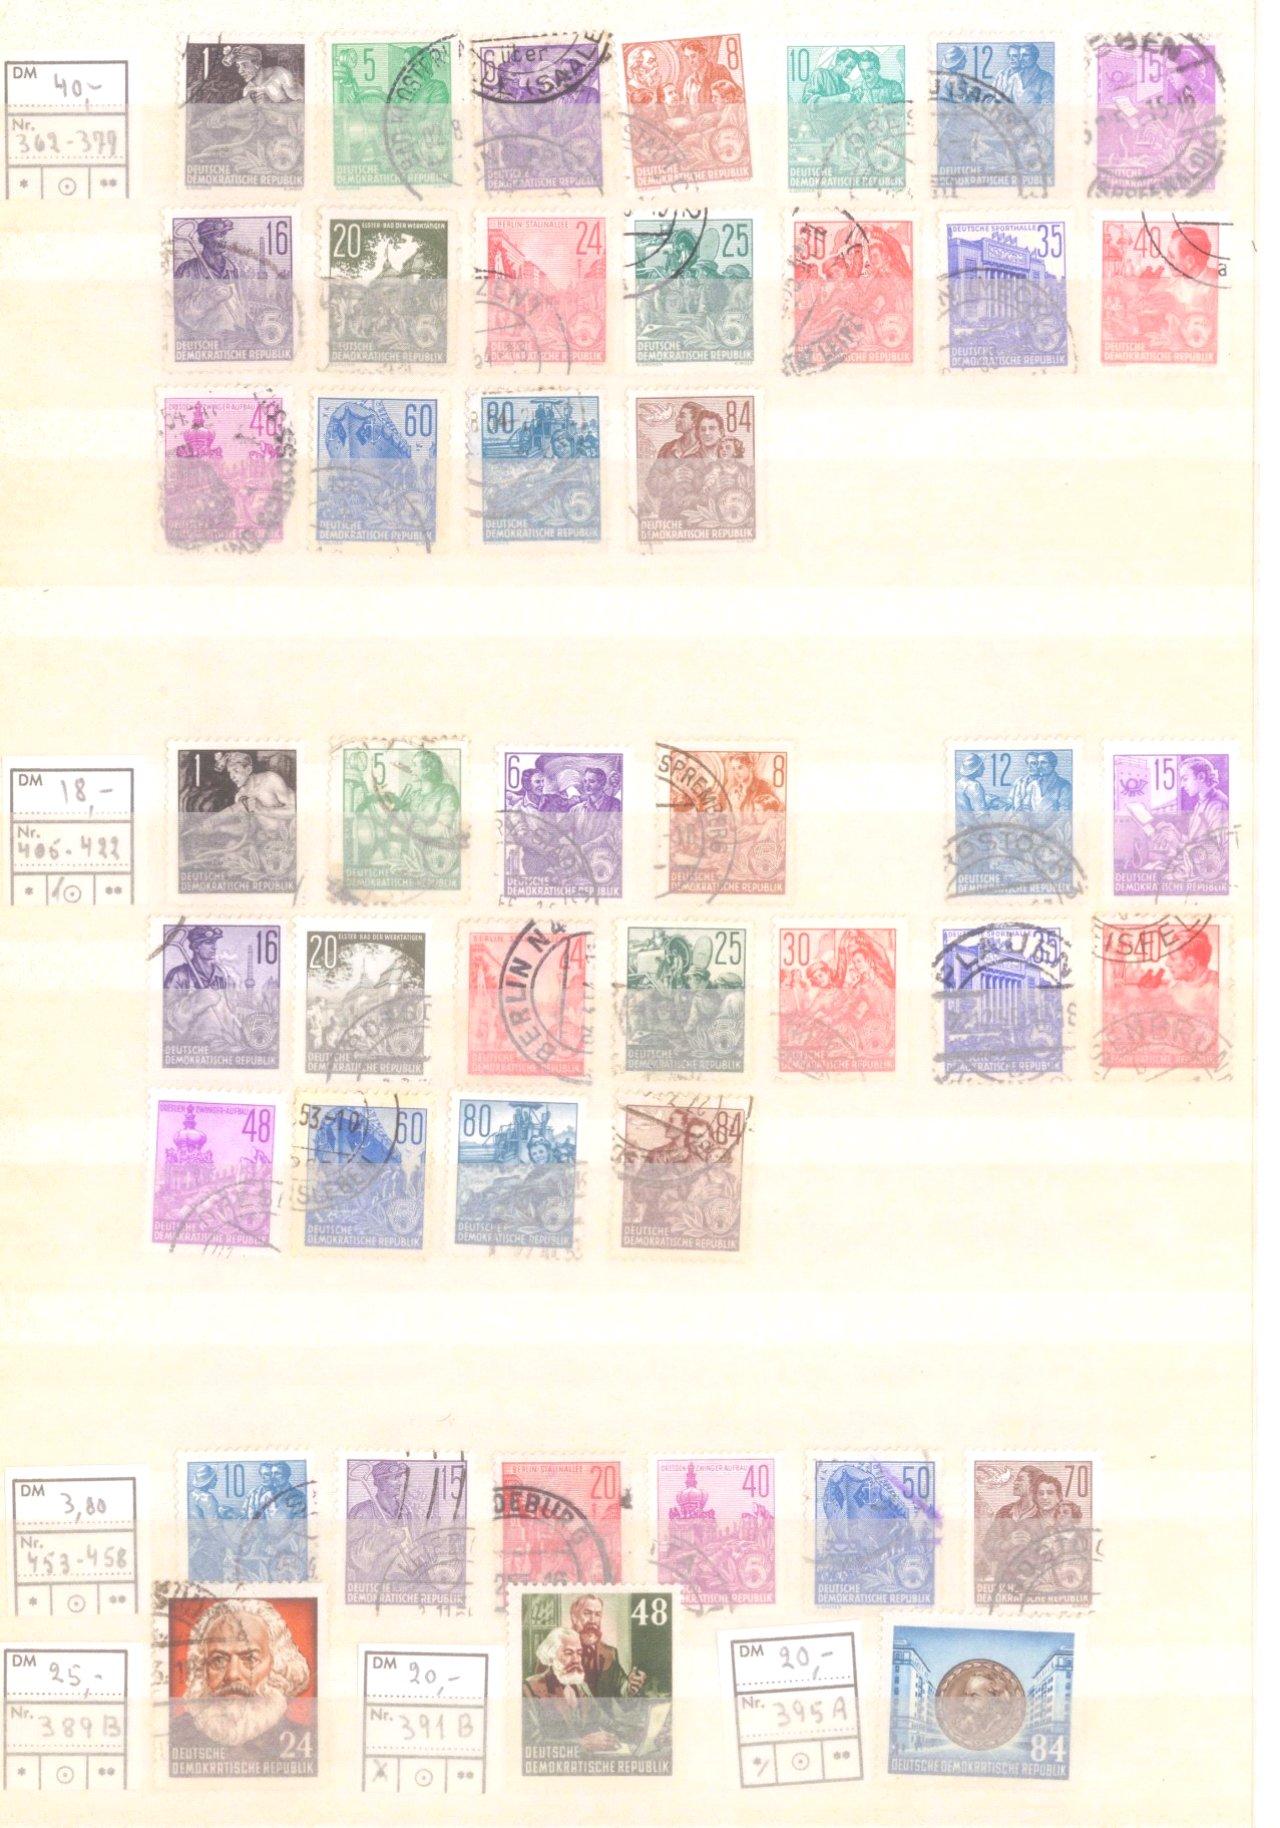 Mannheimer Briefmarkennachlass-32